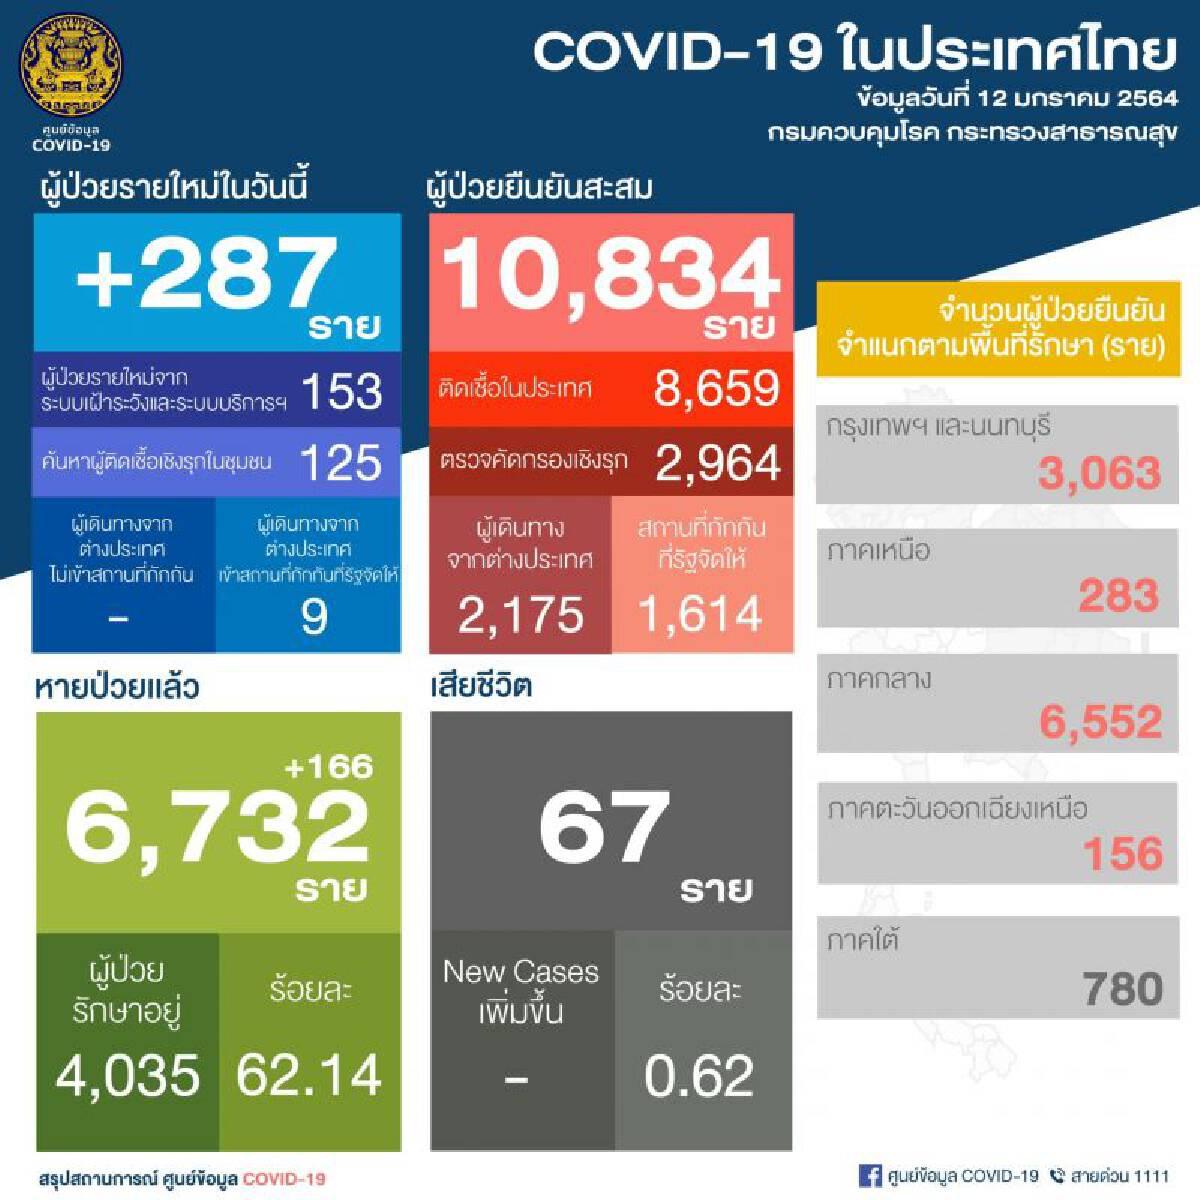 ยอดติดเชื้อโควิด 12 ม.ค.64 รายใหม่ 287 ในประเทศ 278 สะสม 10,834 ราย